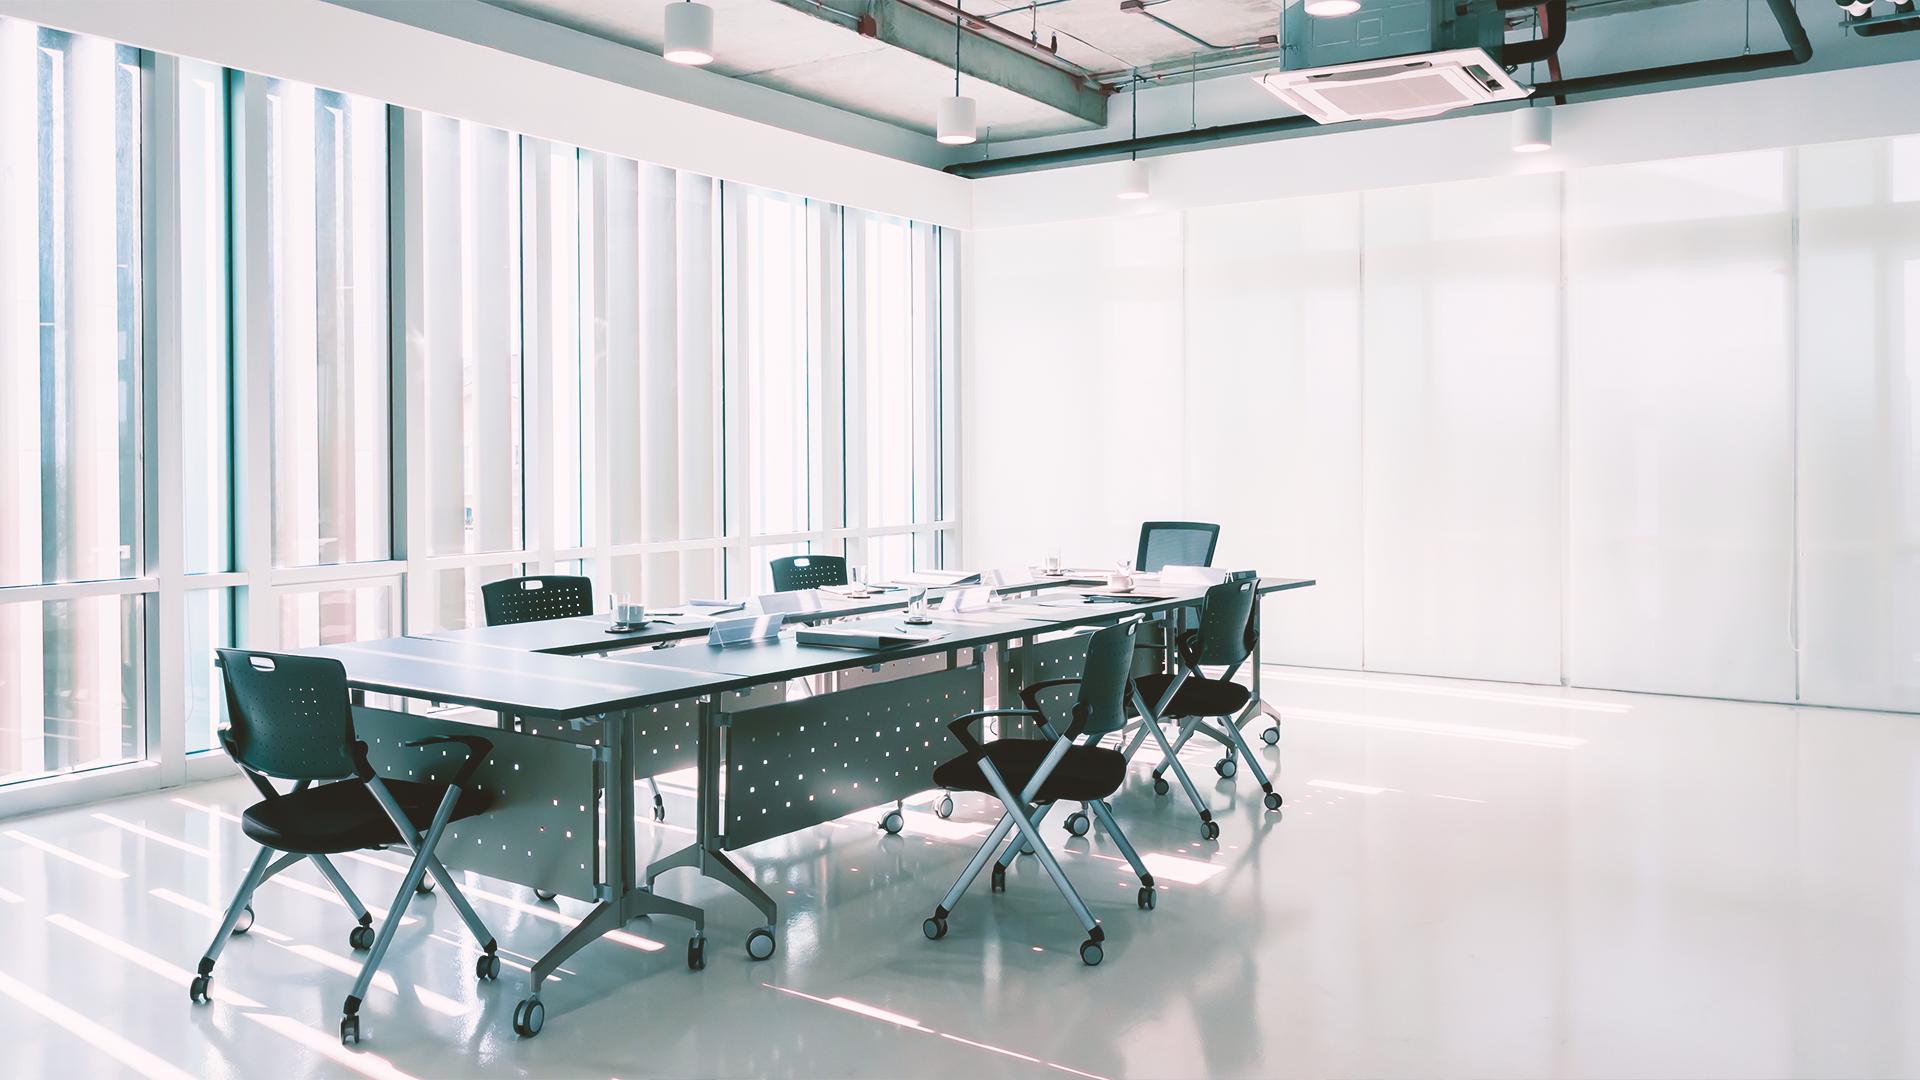 limpiar y desinfectar en las zonas comunes de una oficina